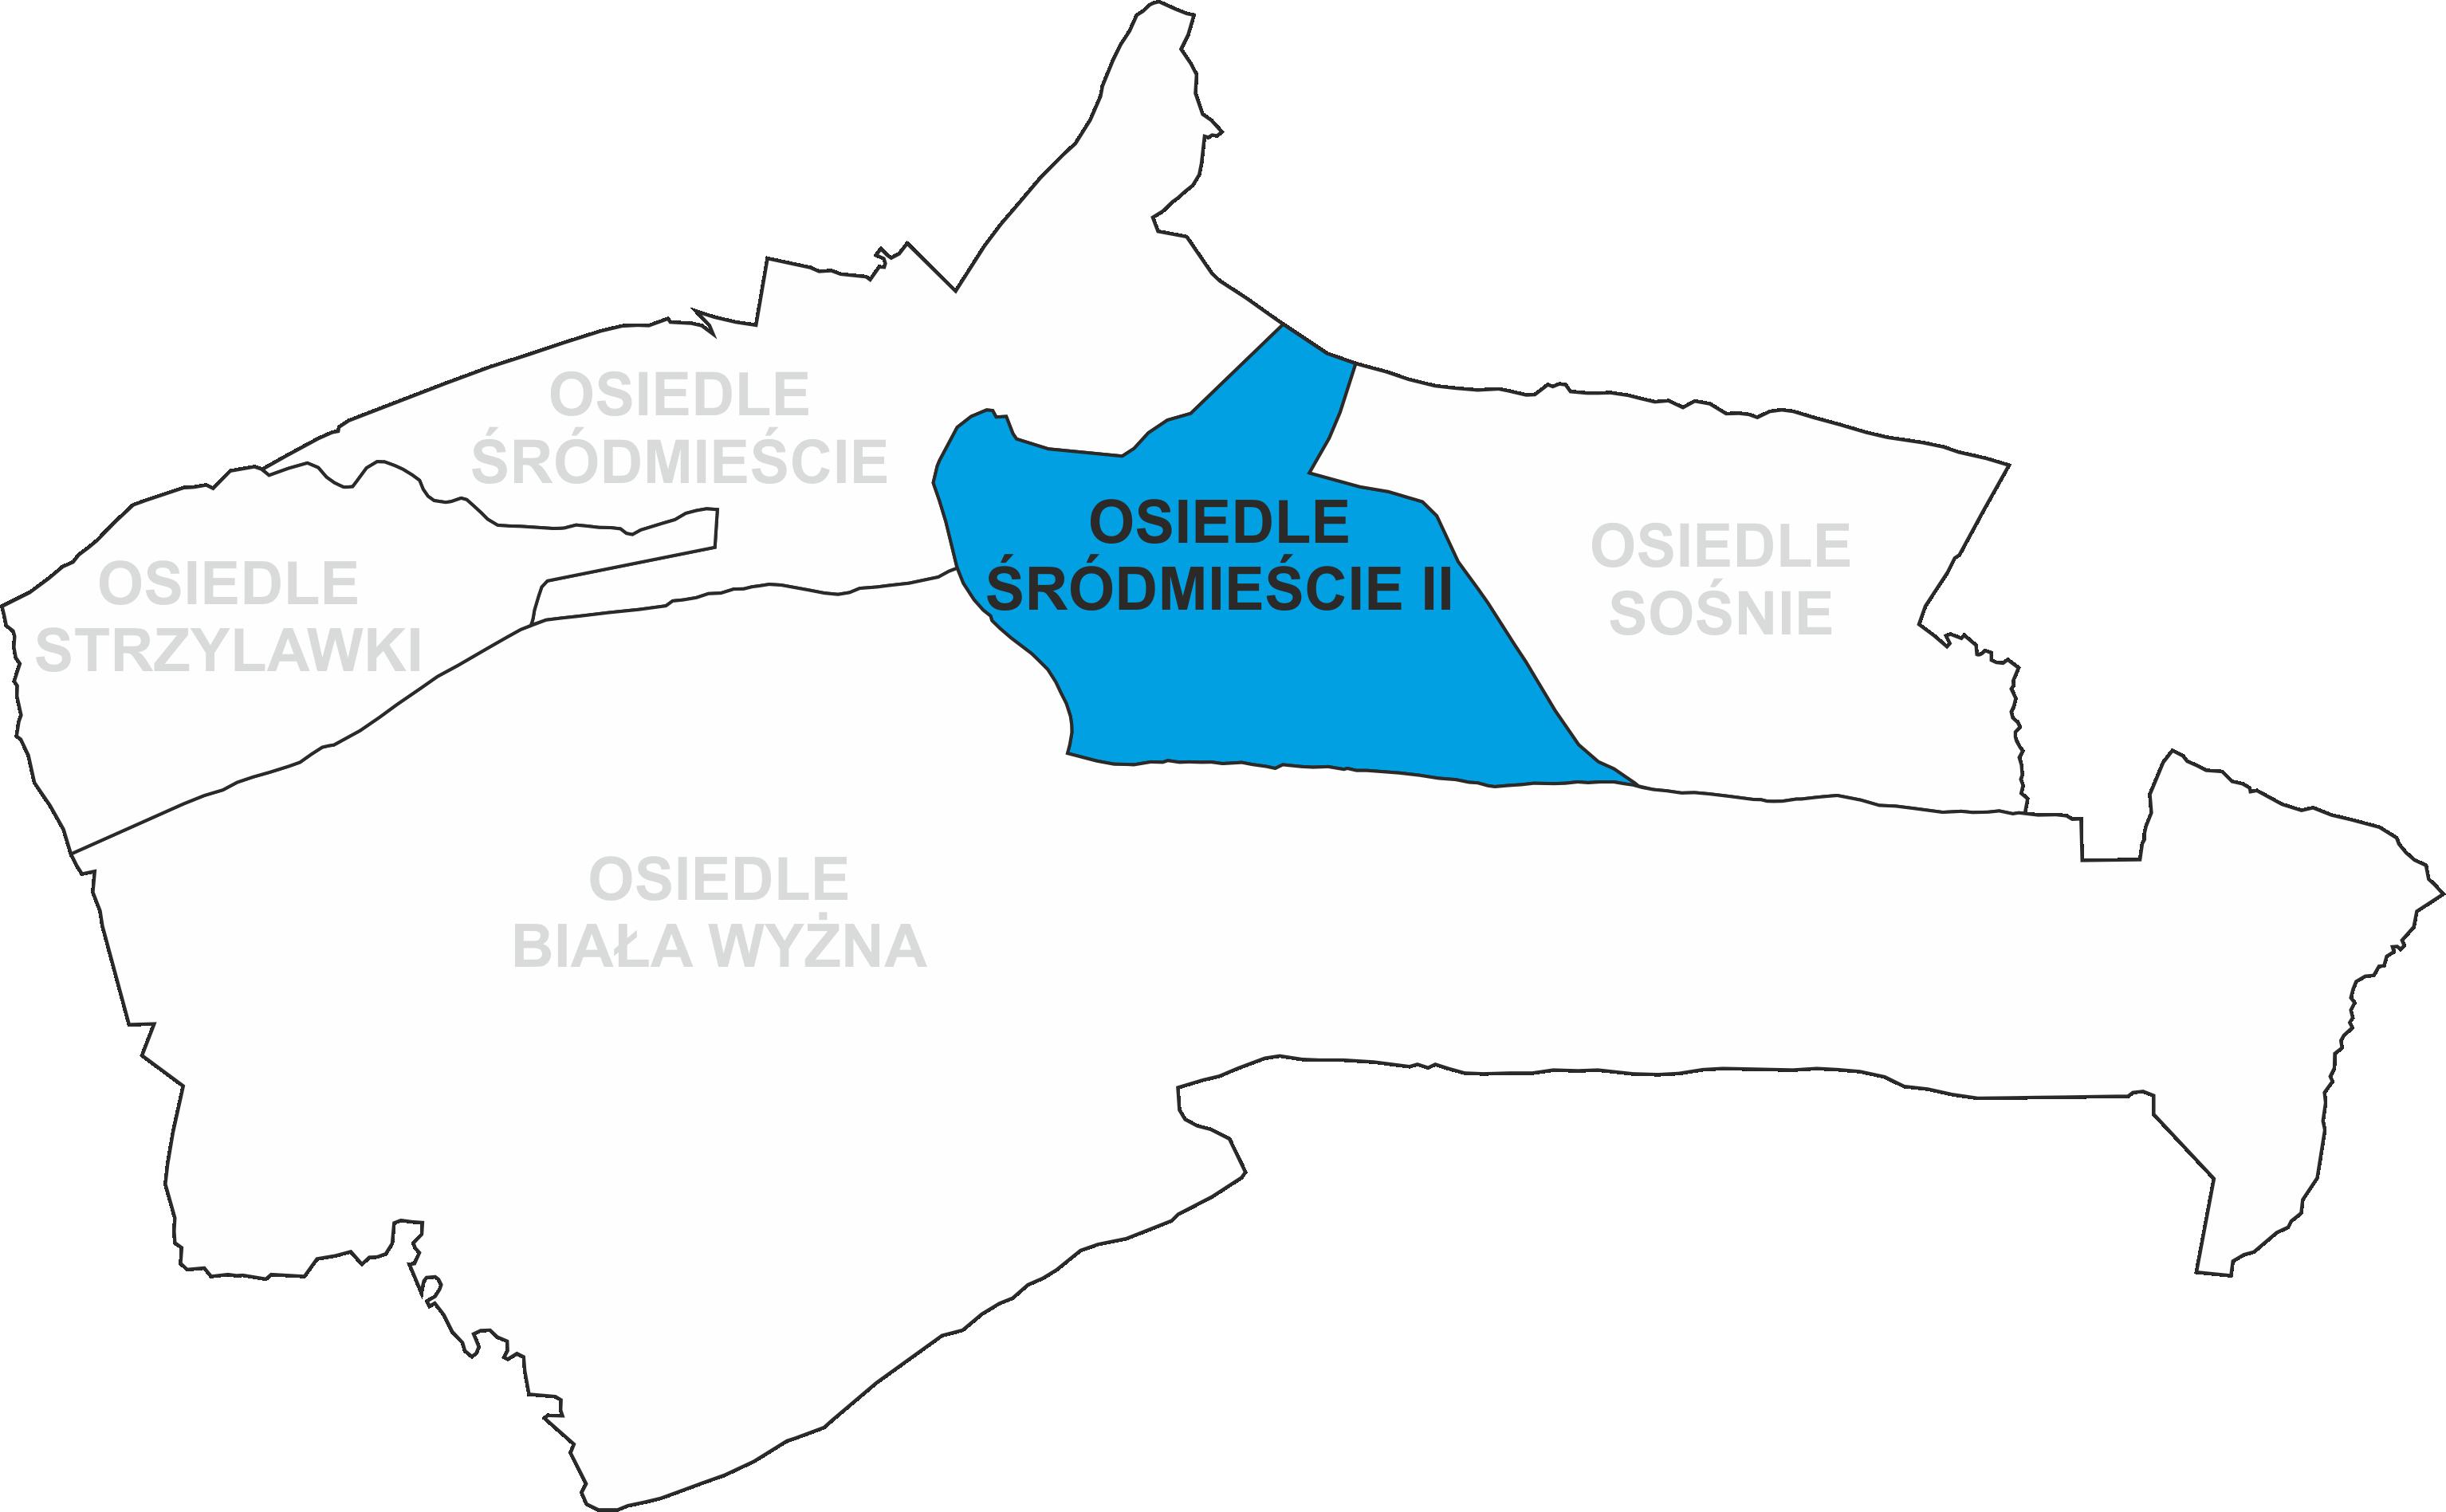 Granice Osiedla Śródmieście II